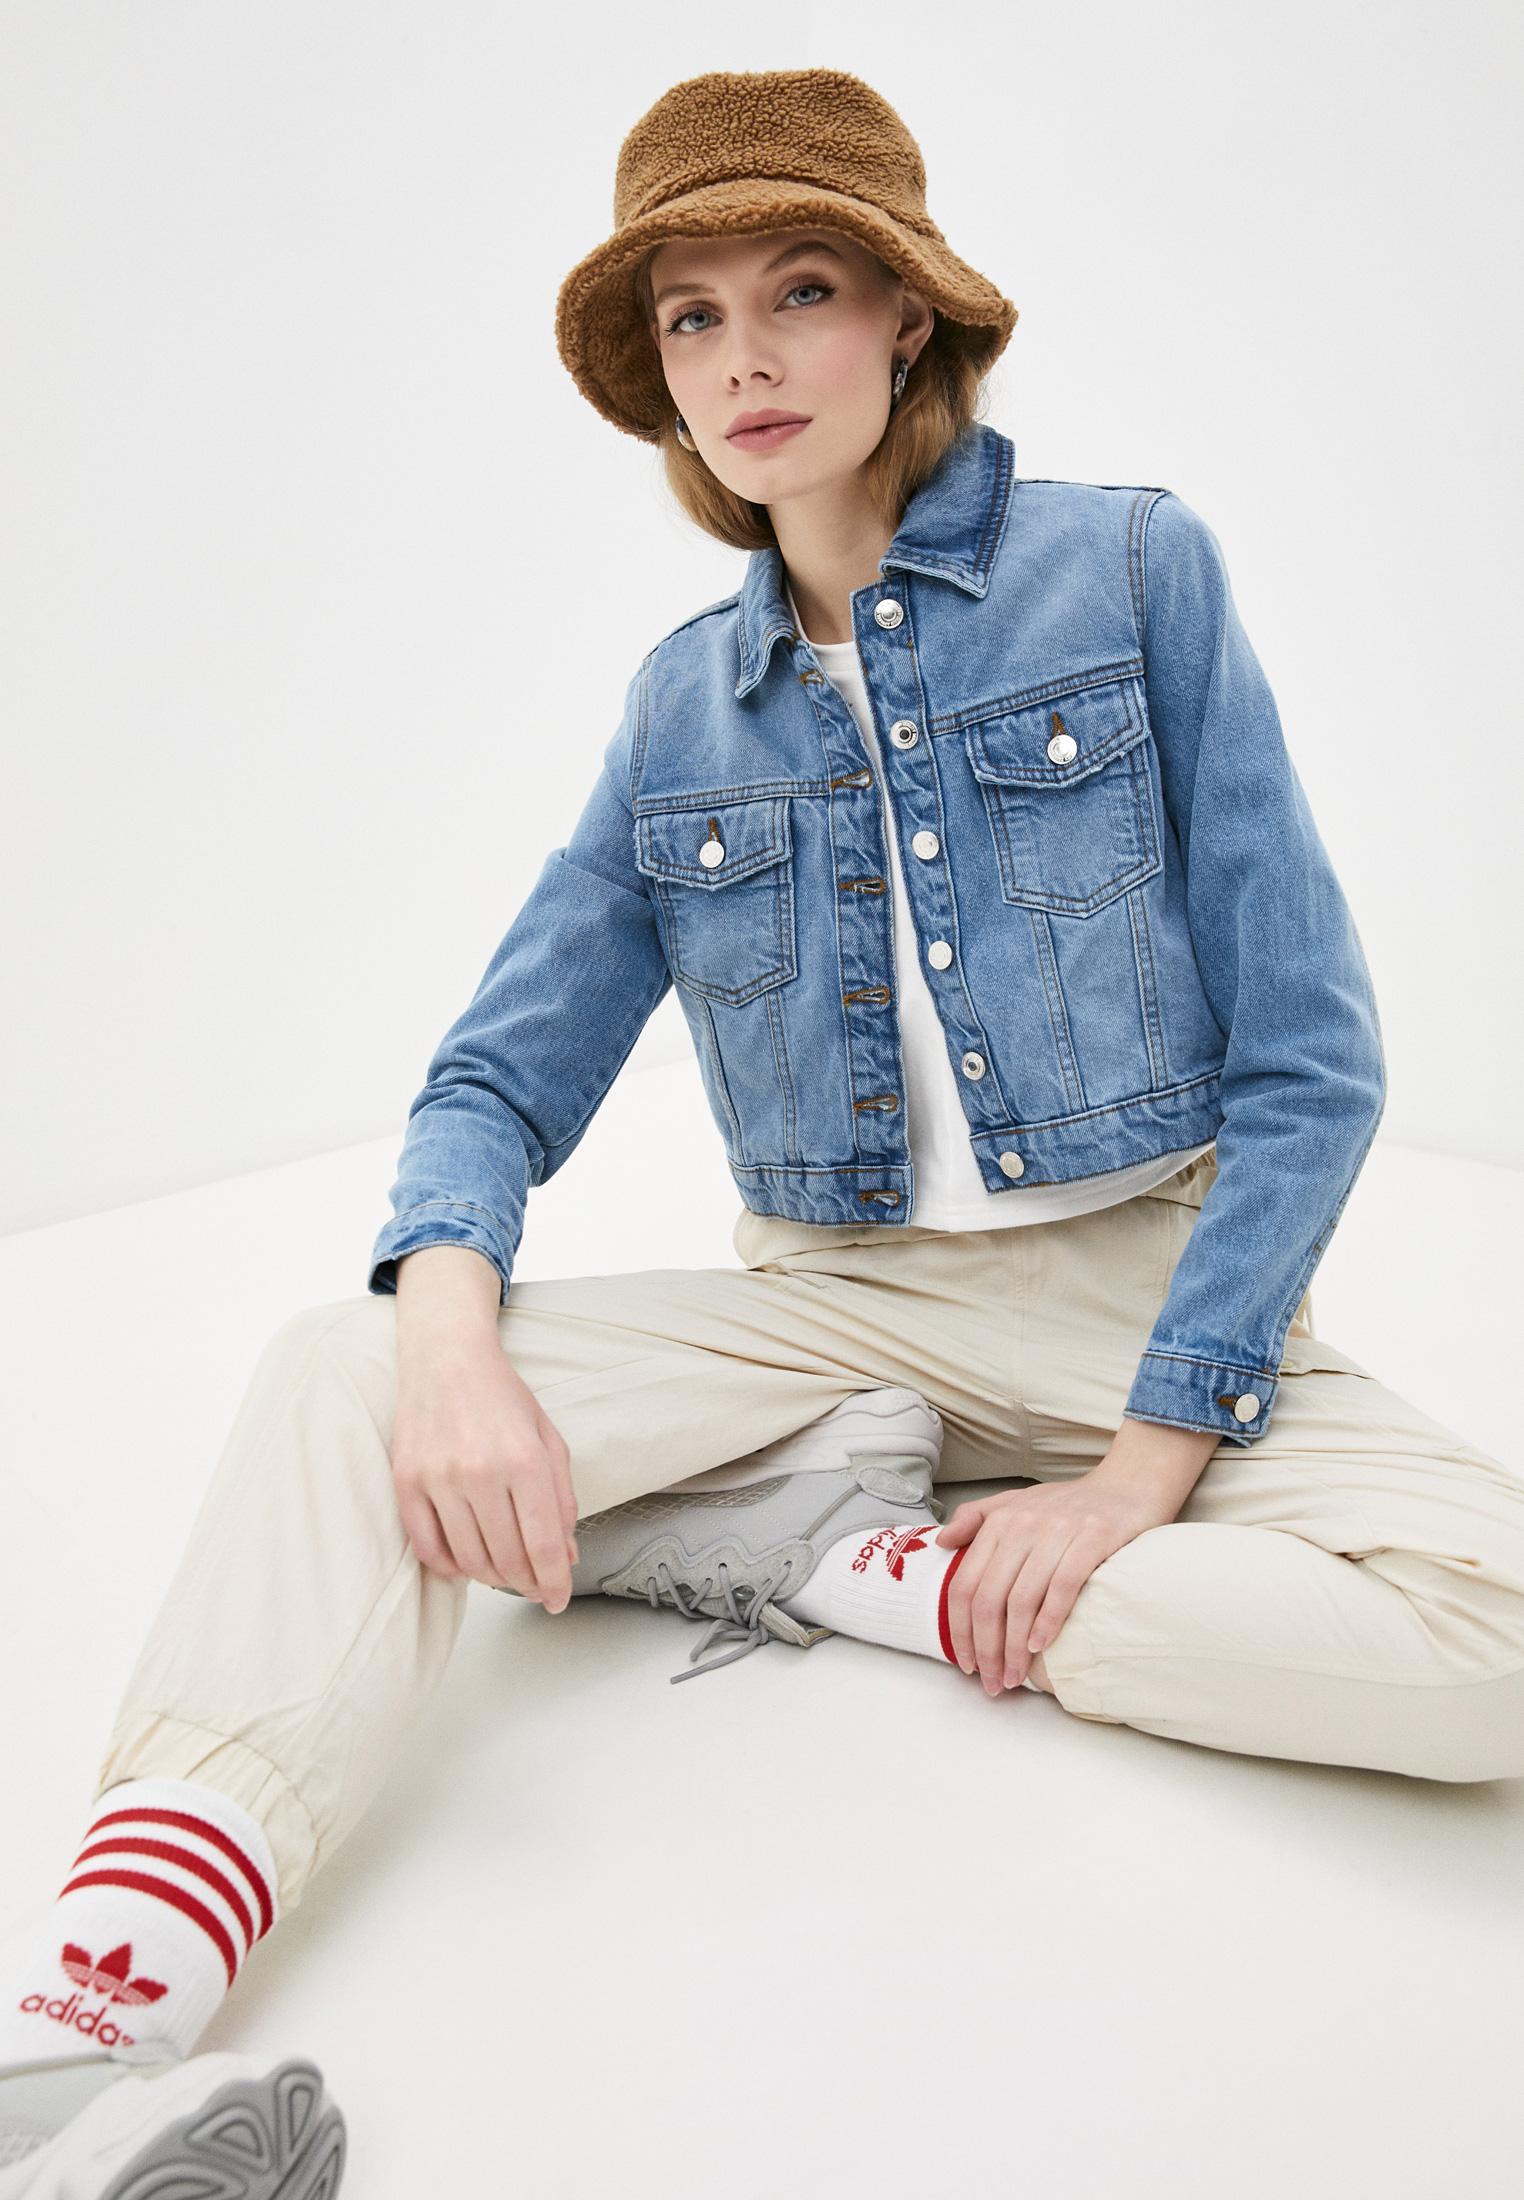 Джинсовая куртка Vero Moda Куртка джинсовая Vero Moda